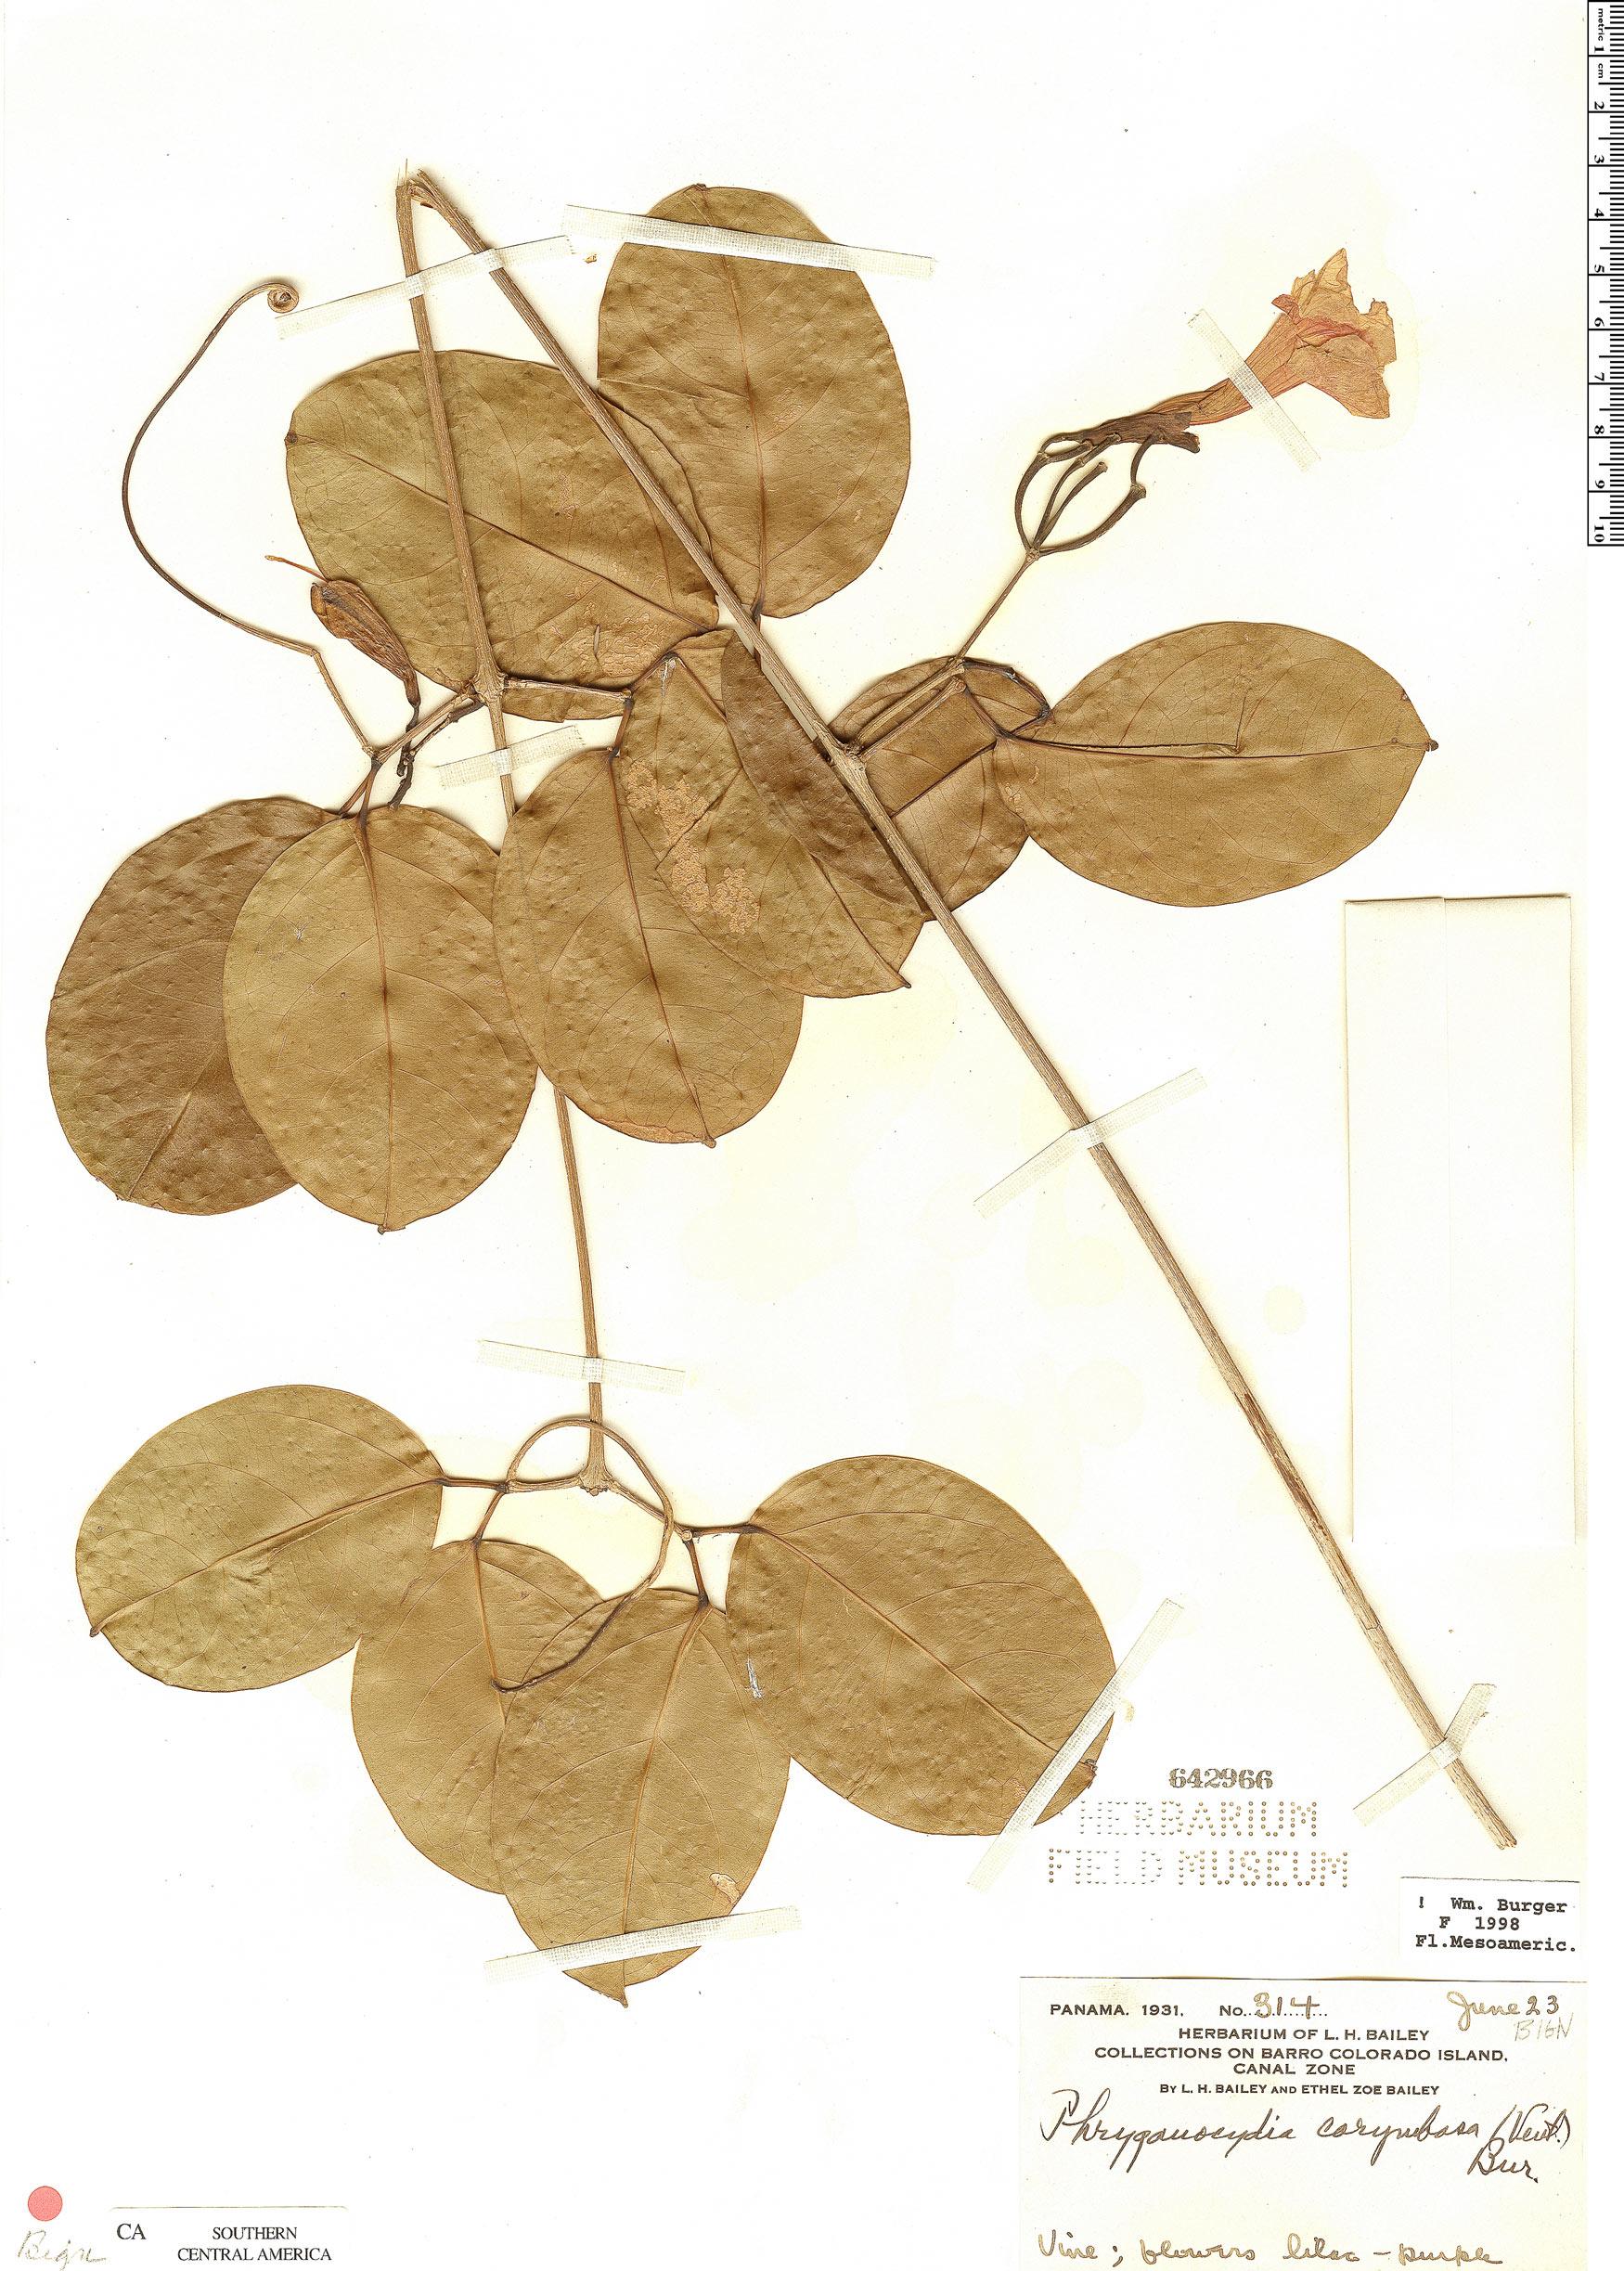 Specimen: Bignonia corymbosa